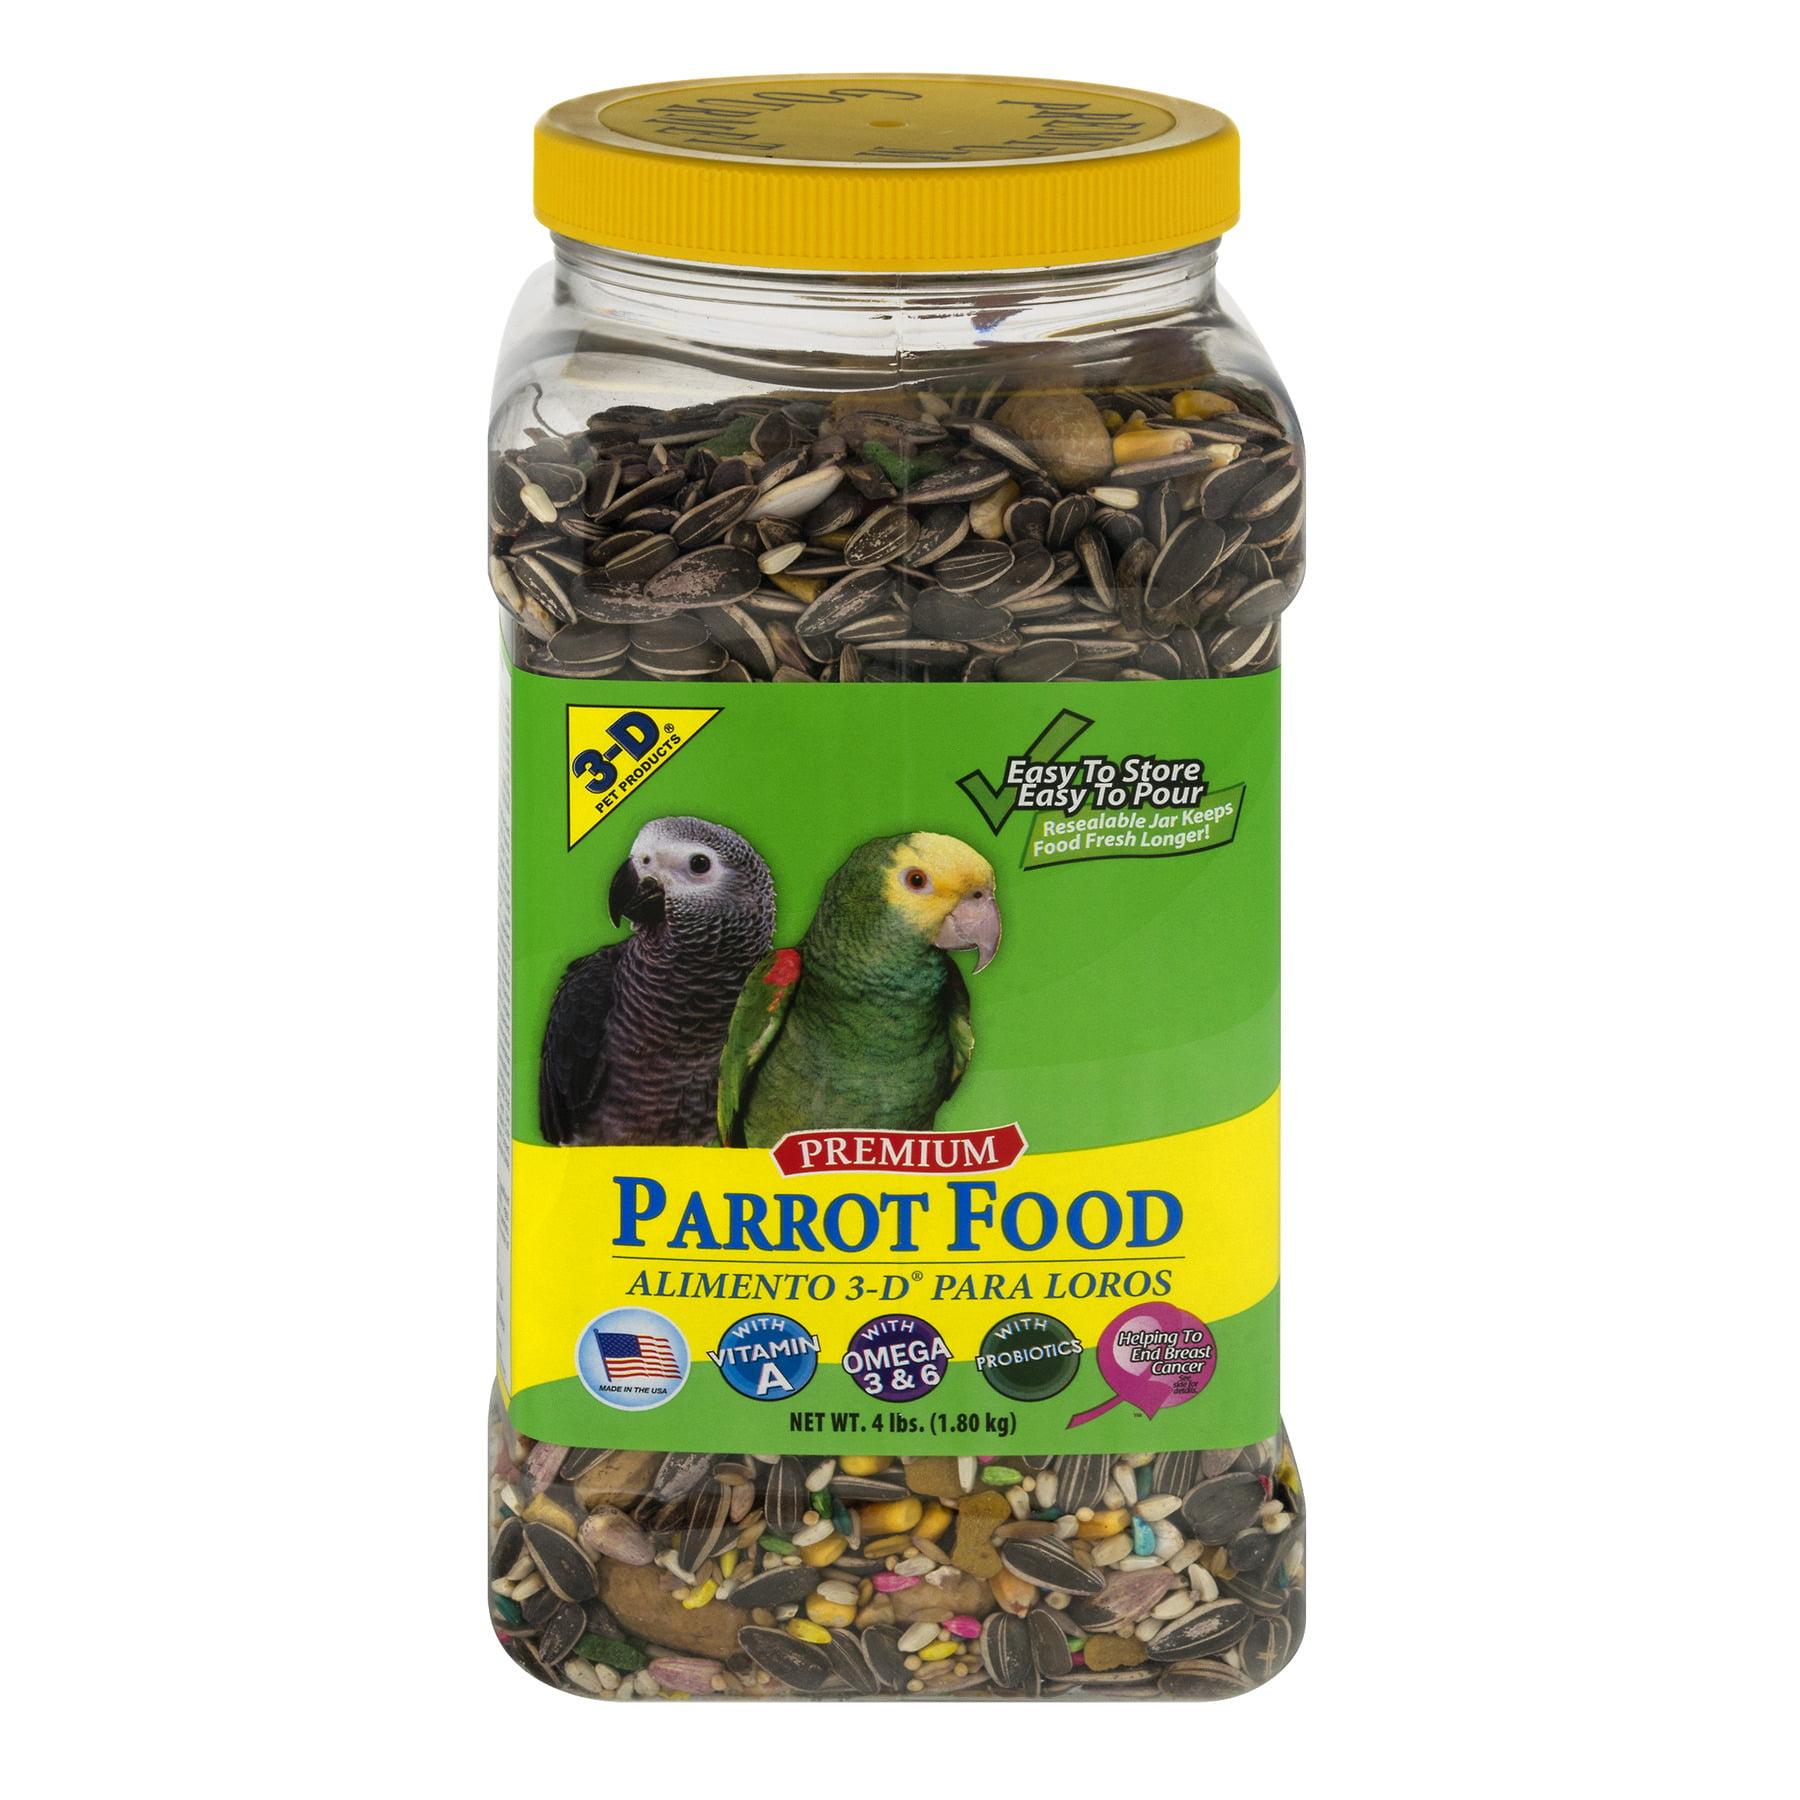 3-D Premium Parrot Food, 4.0 LB by D & D Commodities Ltd.